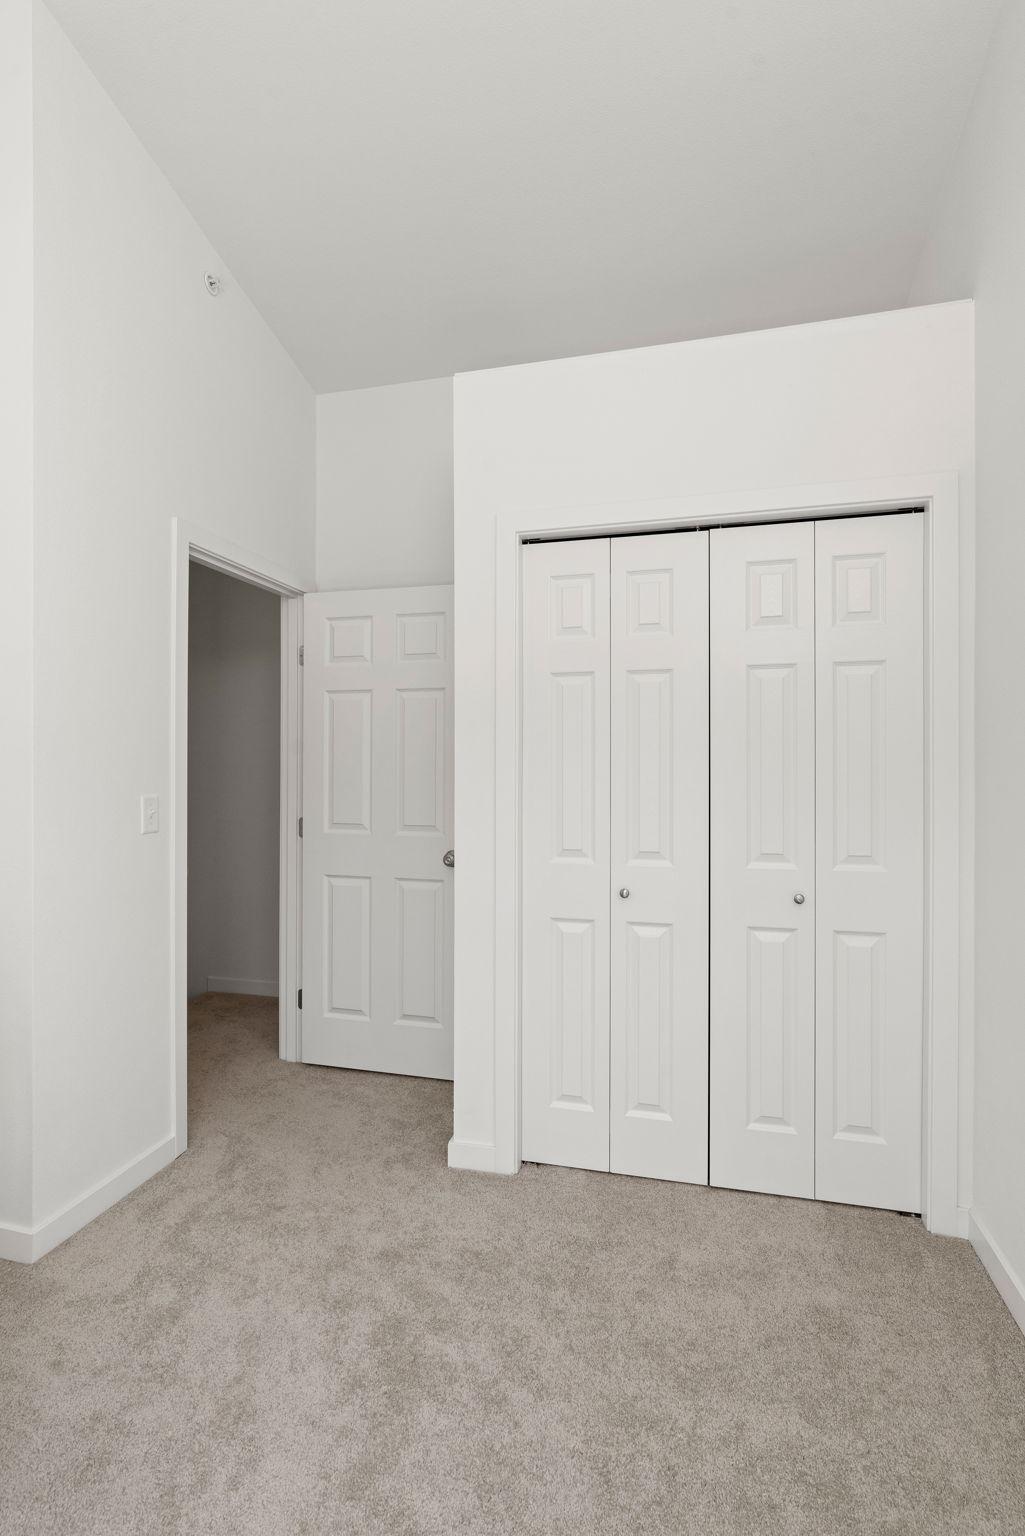 Bedroom 3 loft above closet